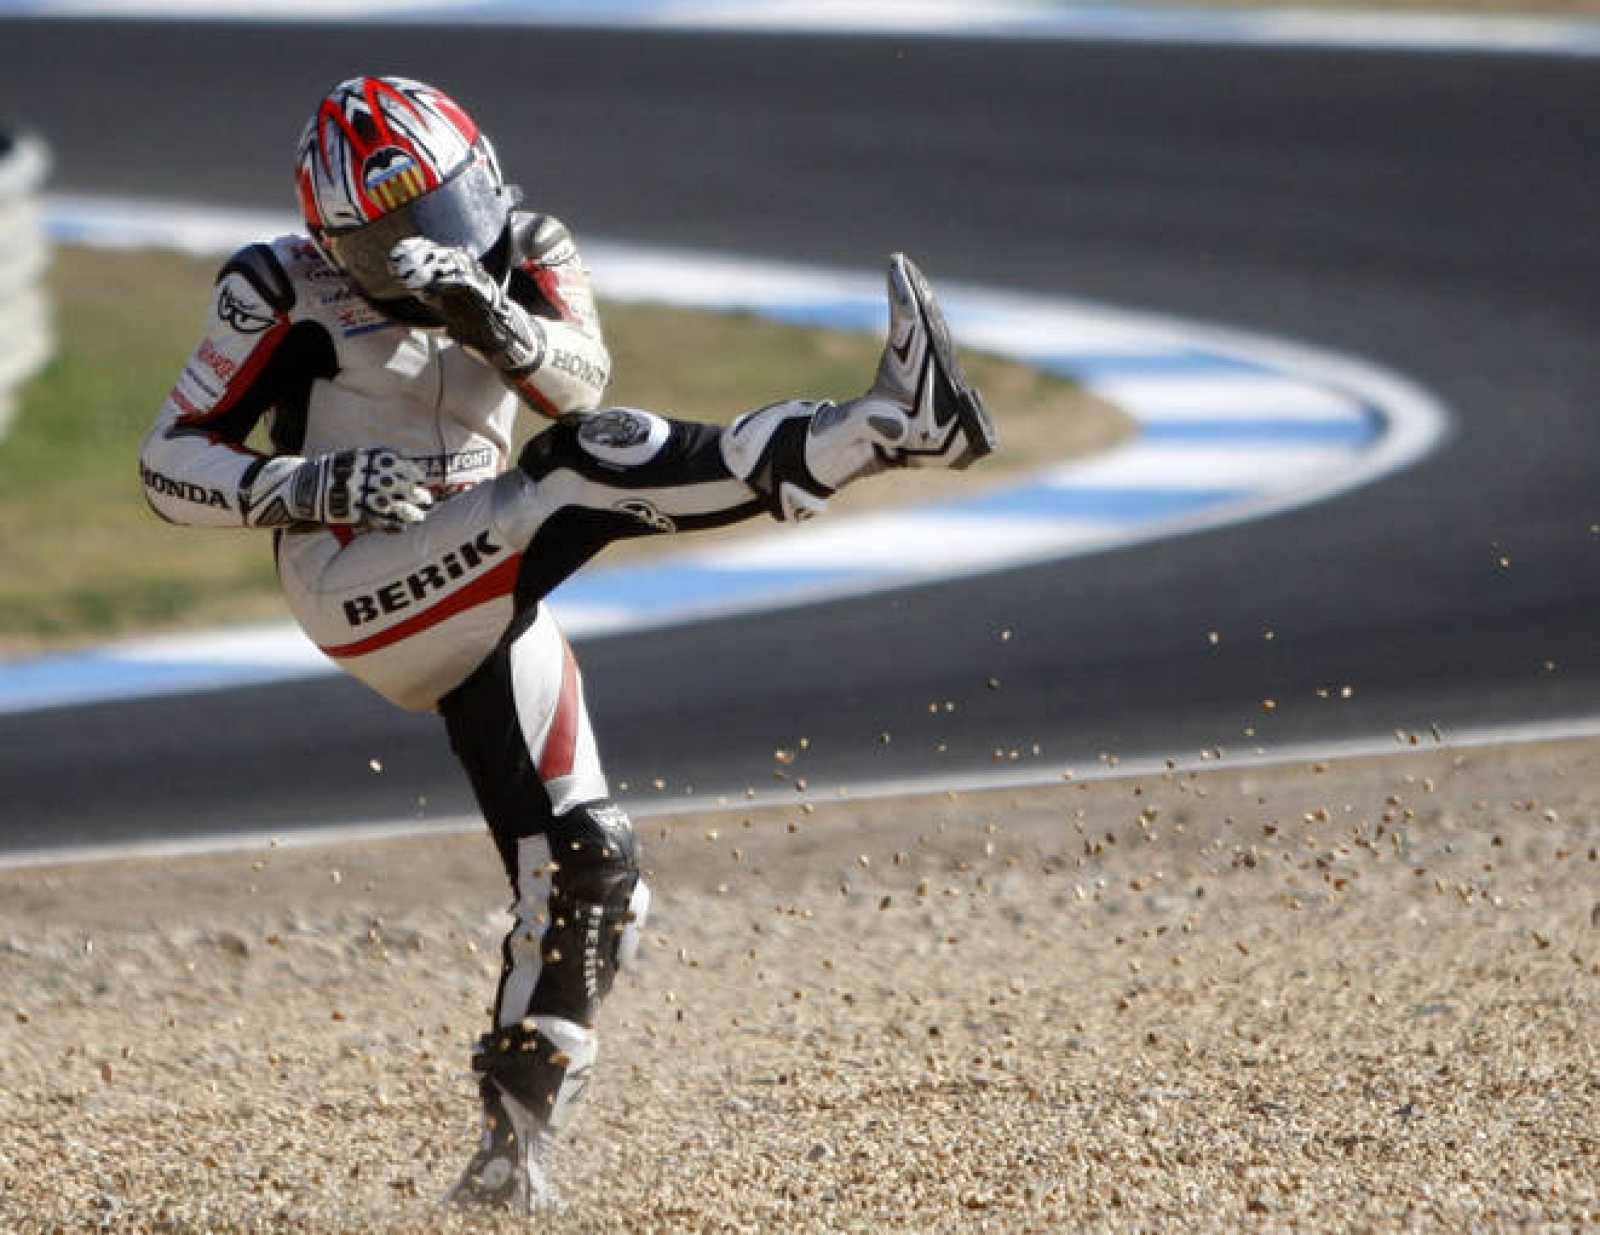 Hector Faubel se lamenta durante el Gran Premio de Estoril durante la temporada 2009